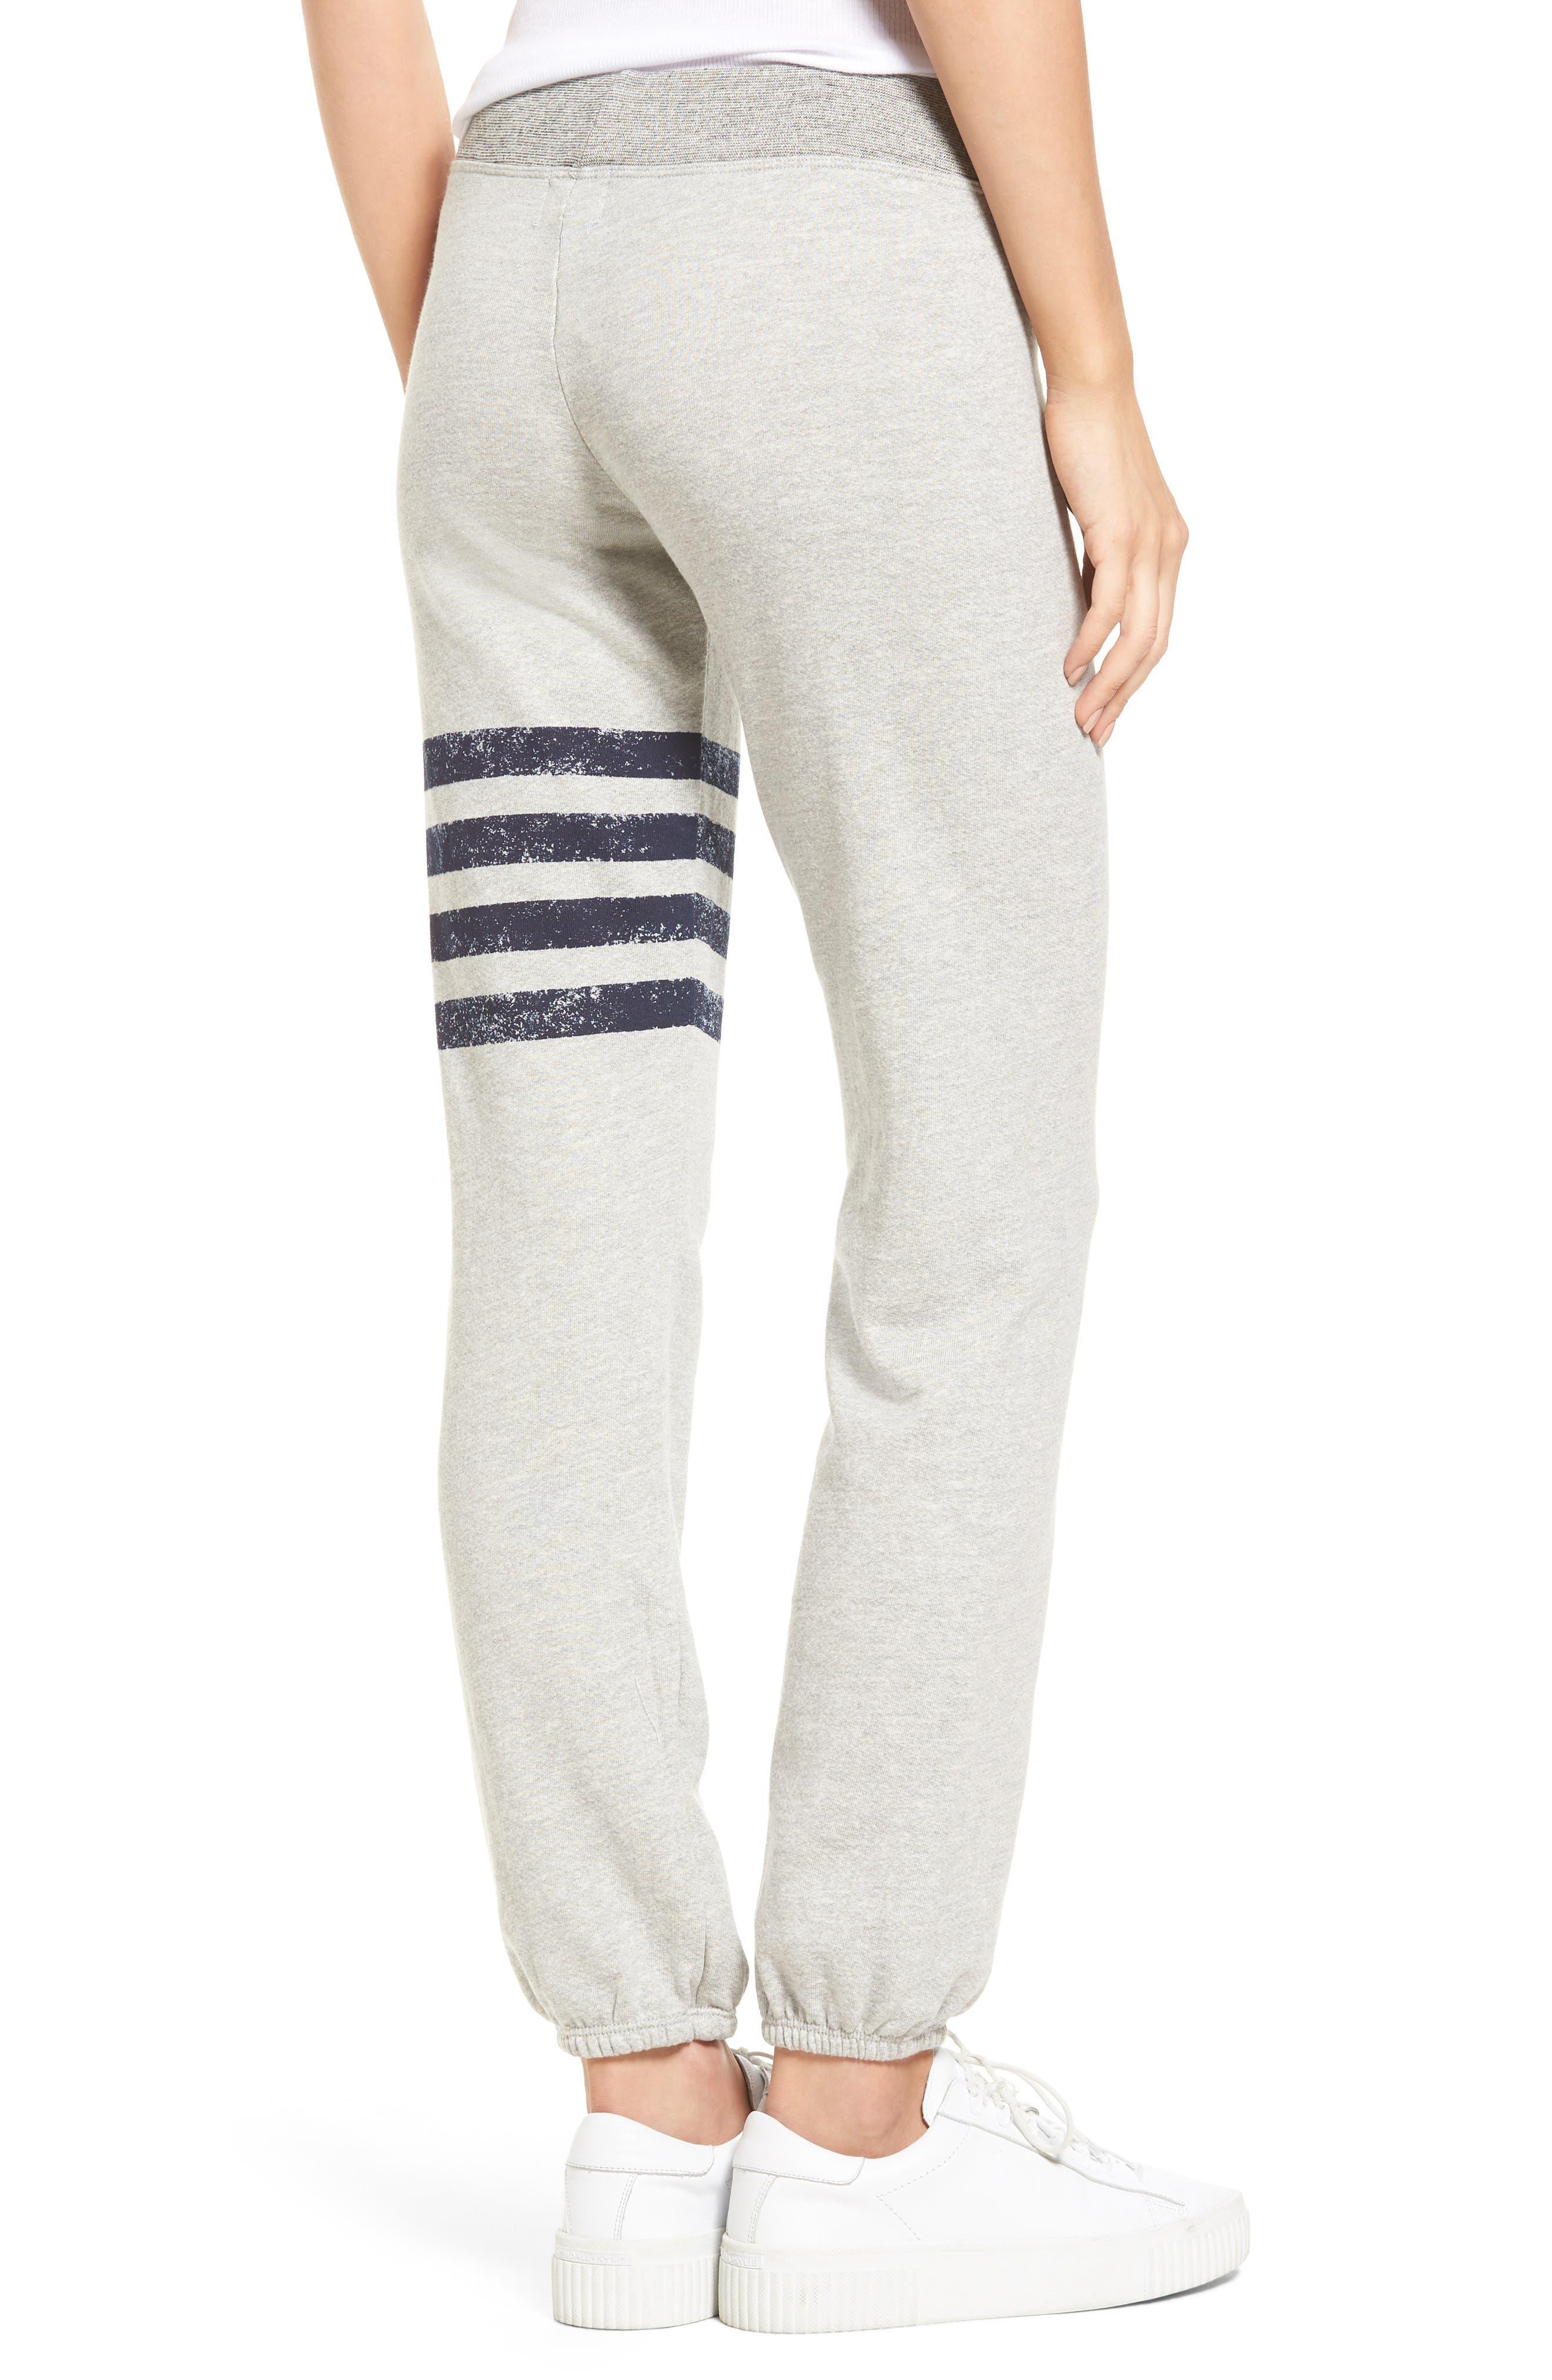 Stripe Yoga Pants,                             Alternate thumbnail 2, color,                             001